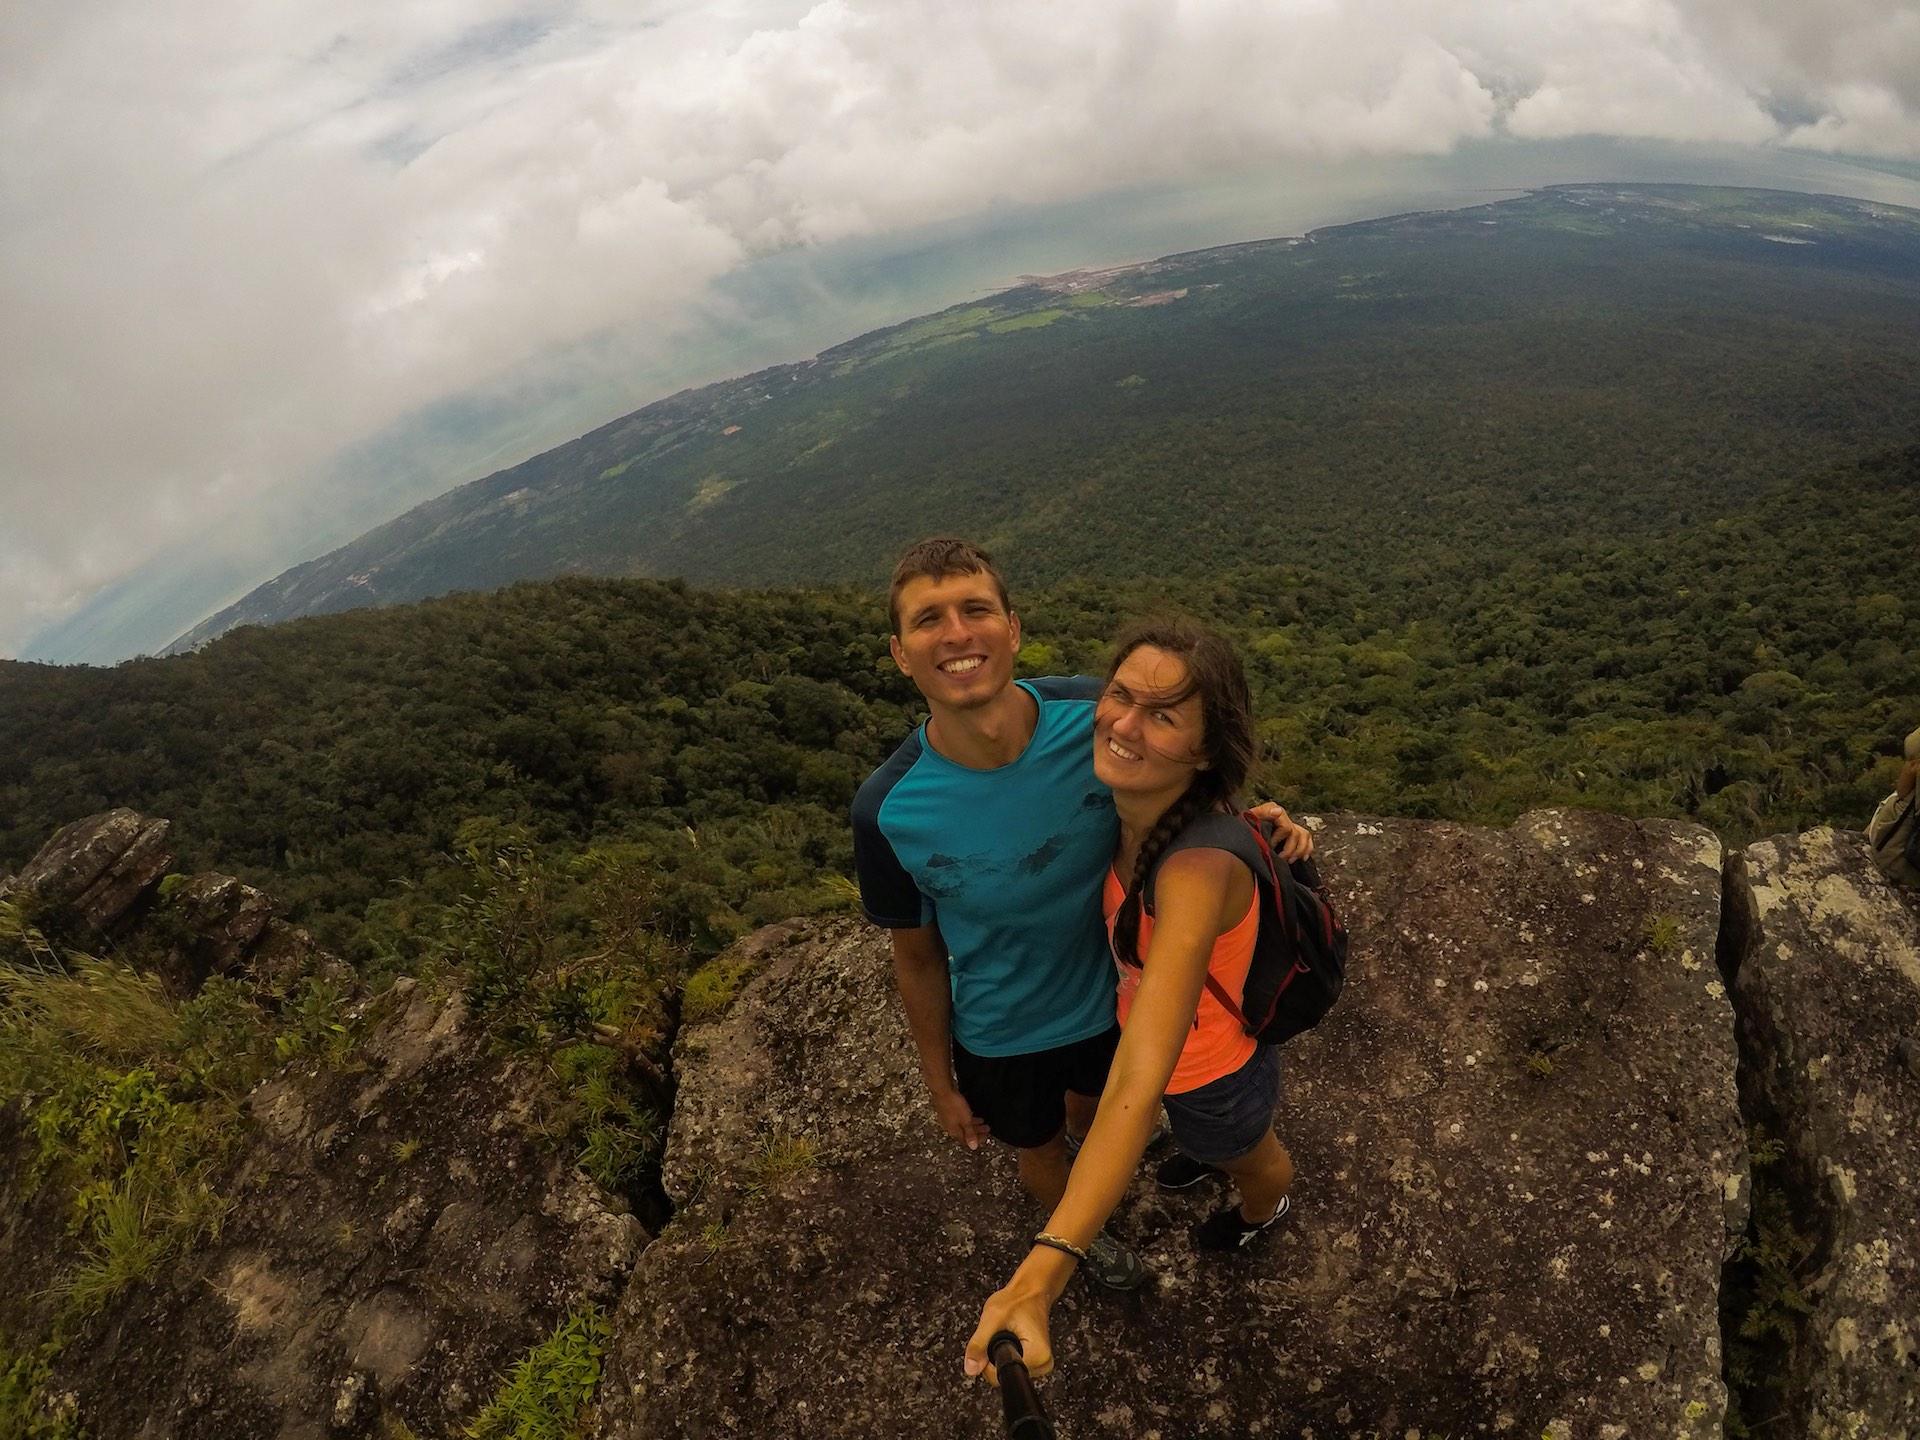 Kambodža. Bokor nacionalinis parkas. Laurynas ir Agnė 1 000 metrų virš jūros lygio. Asmeninio archyvo nuotr.